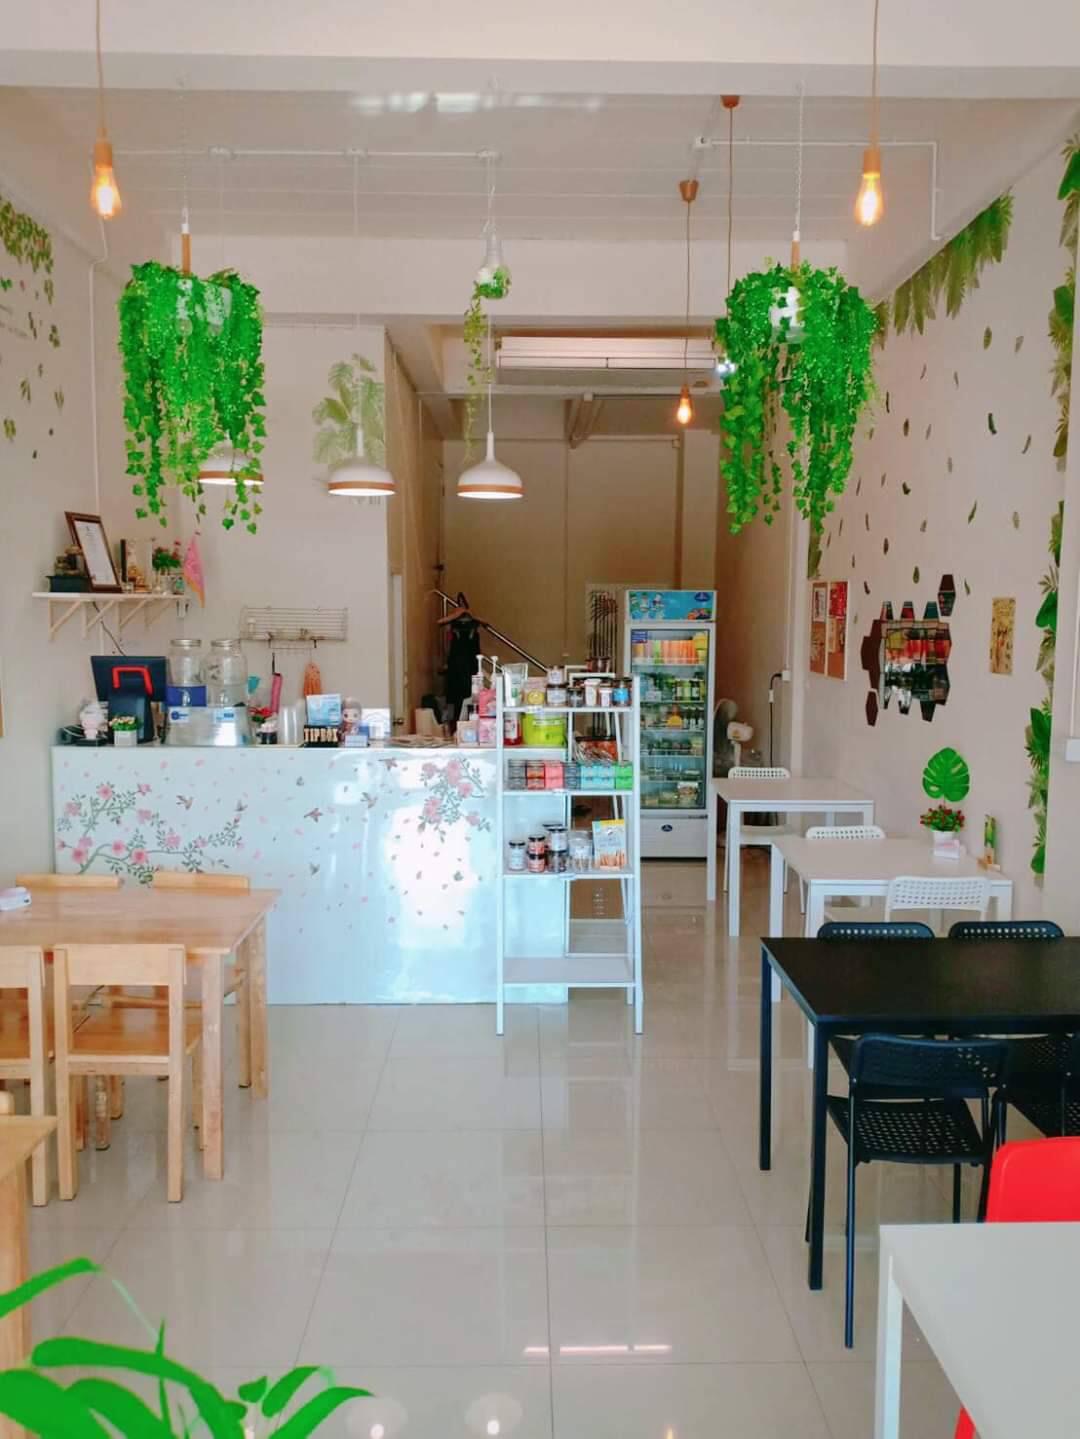 เซ้งด่วน!! ร้านอาหาร ใกล้ ม.เกษตรศรีราชา @ชลบุรี (อ่าวอุดม)